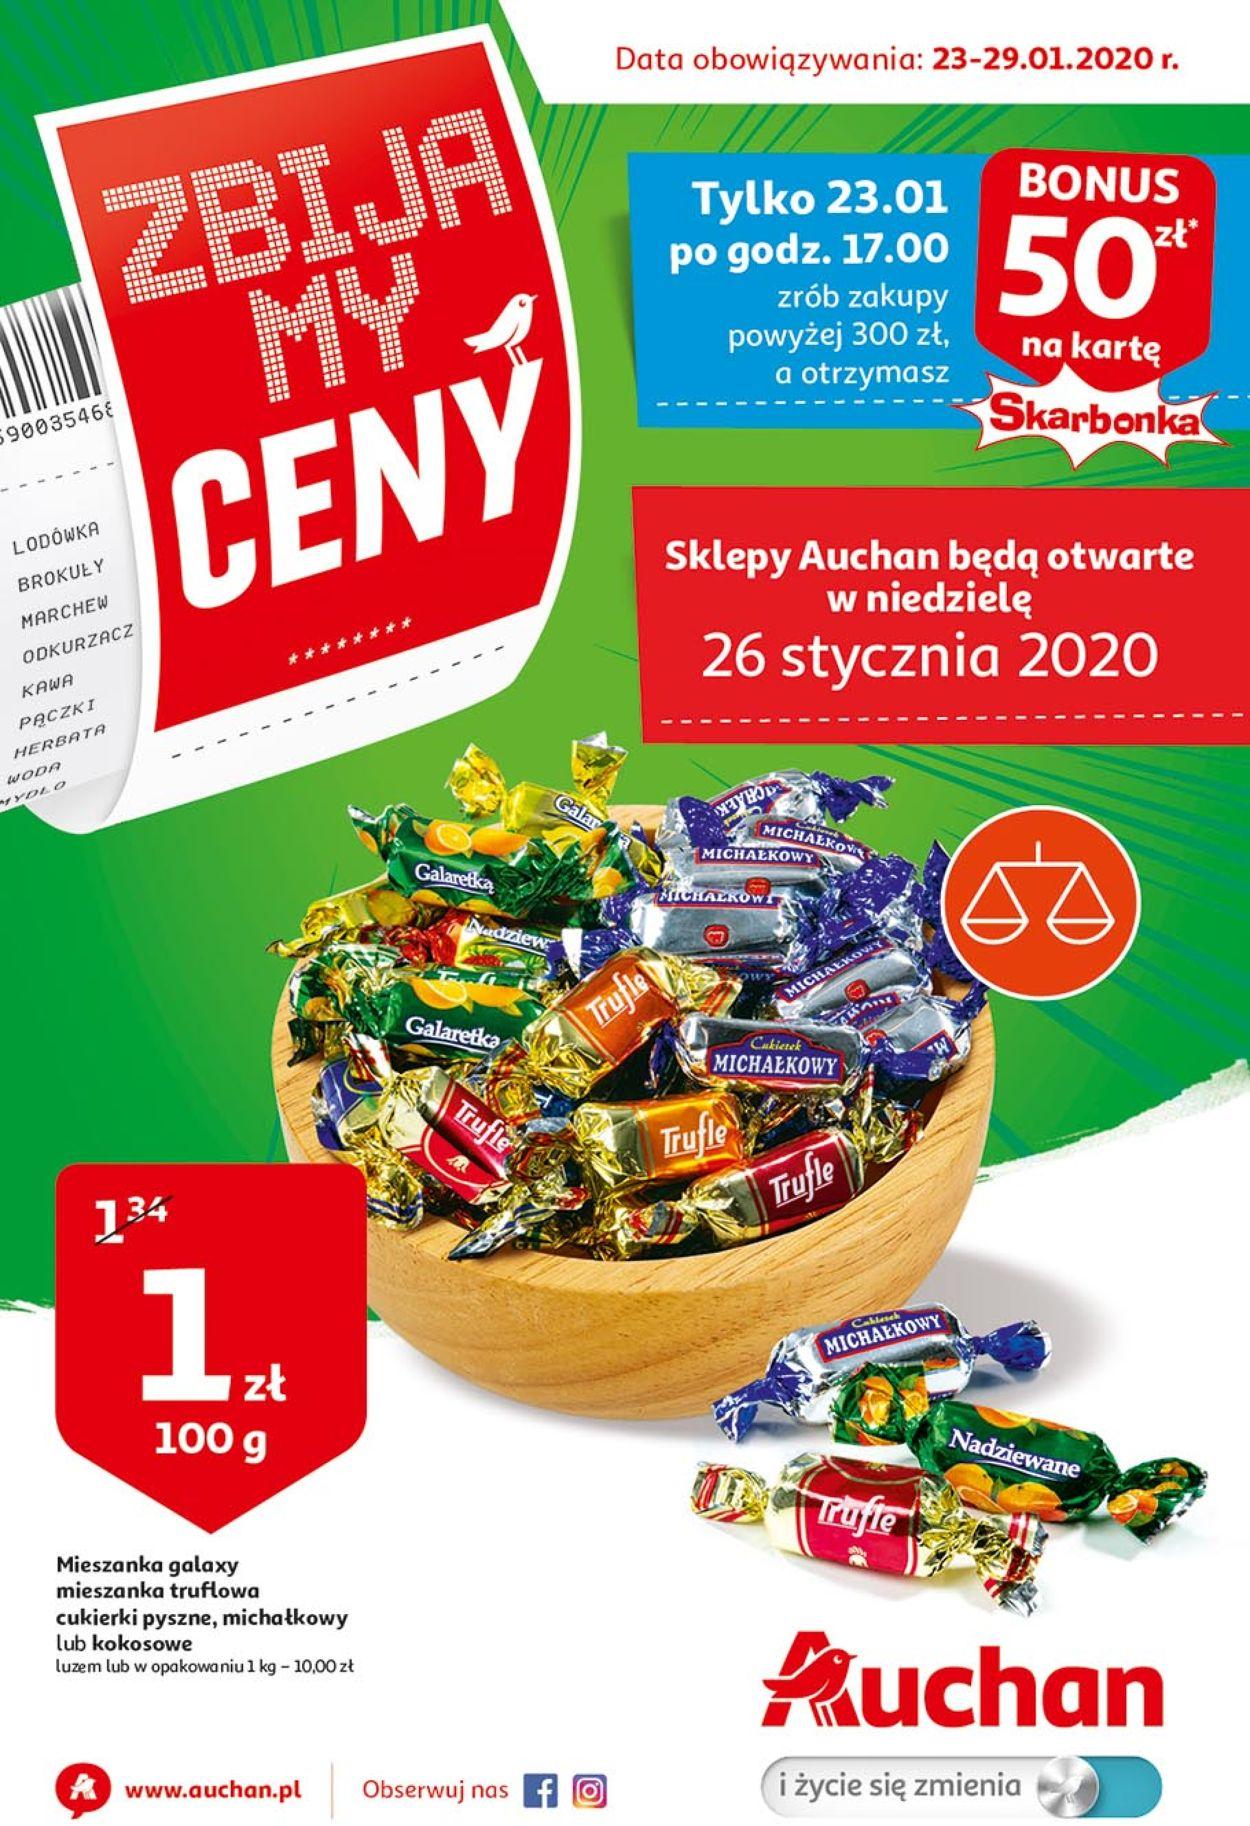 Gazetka promocyjna Auchan - 23.01-29.01.2020